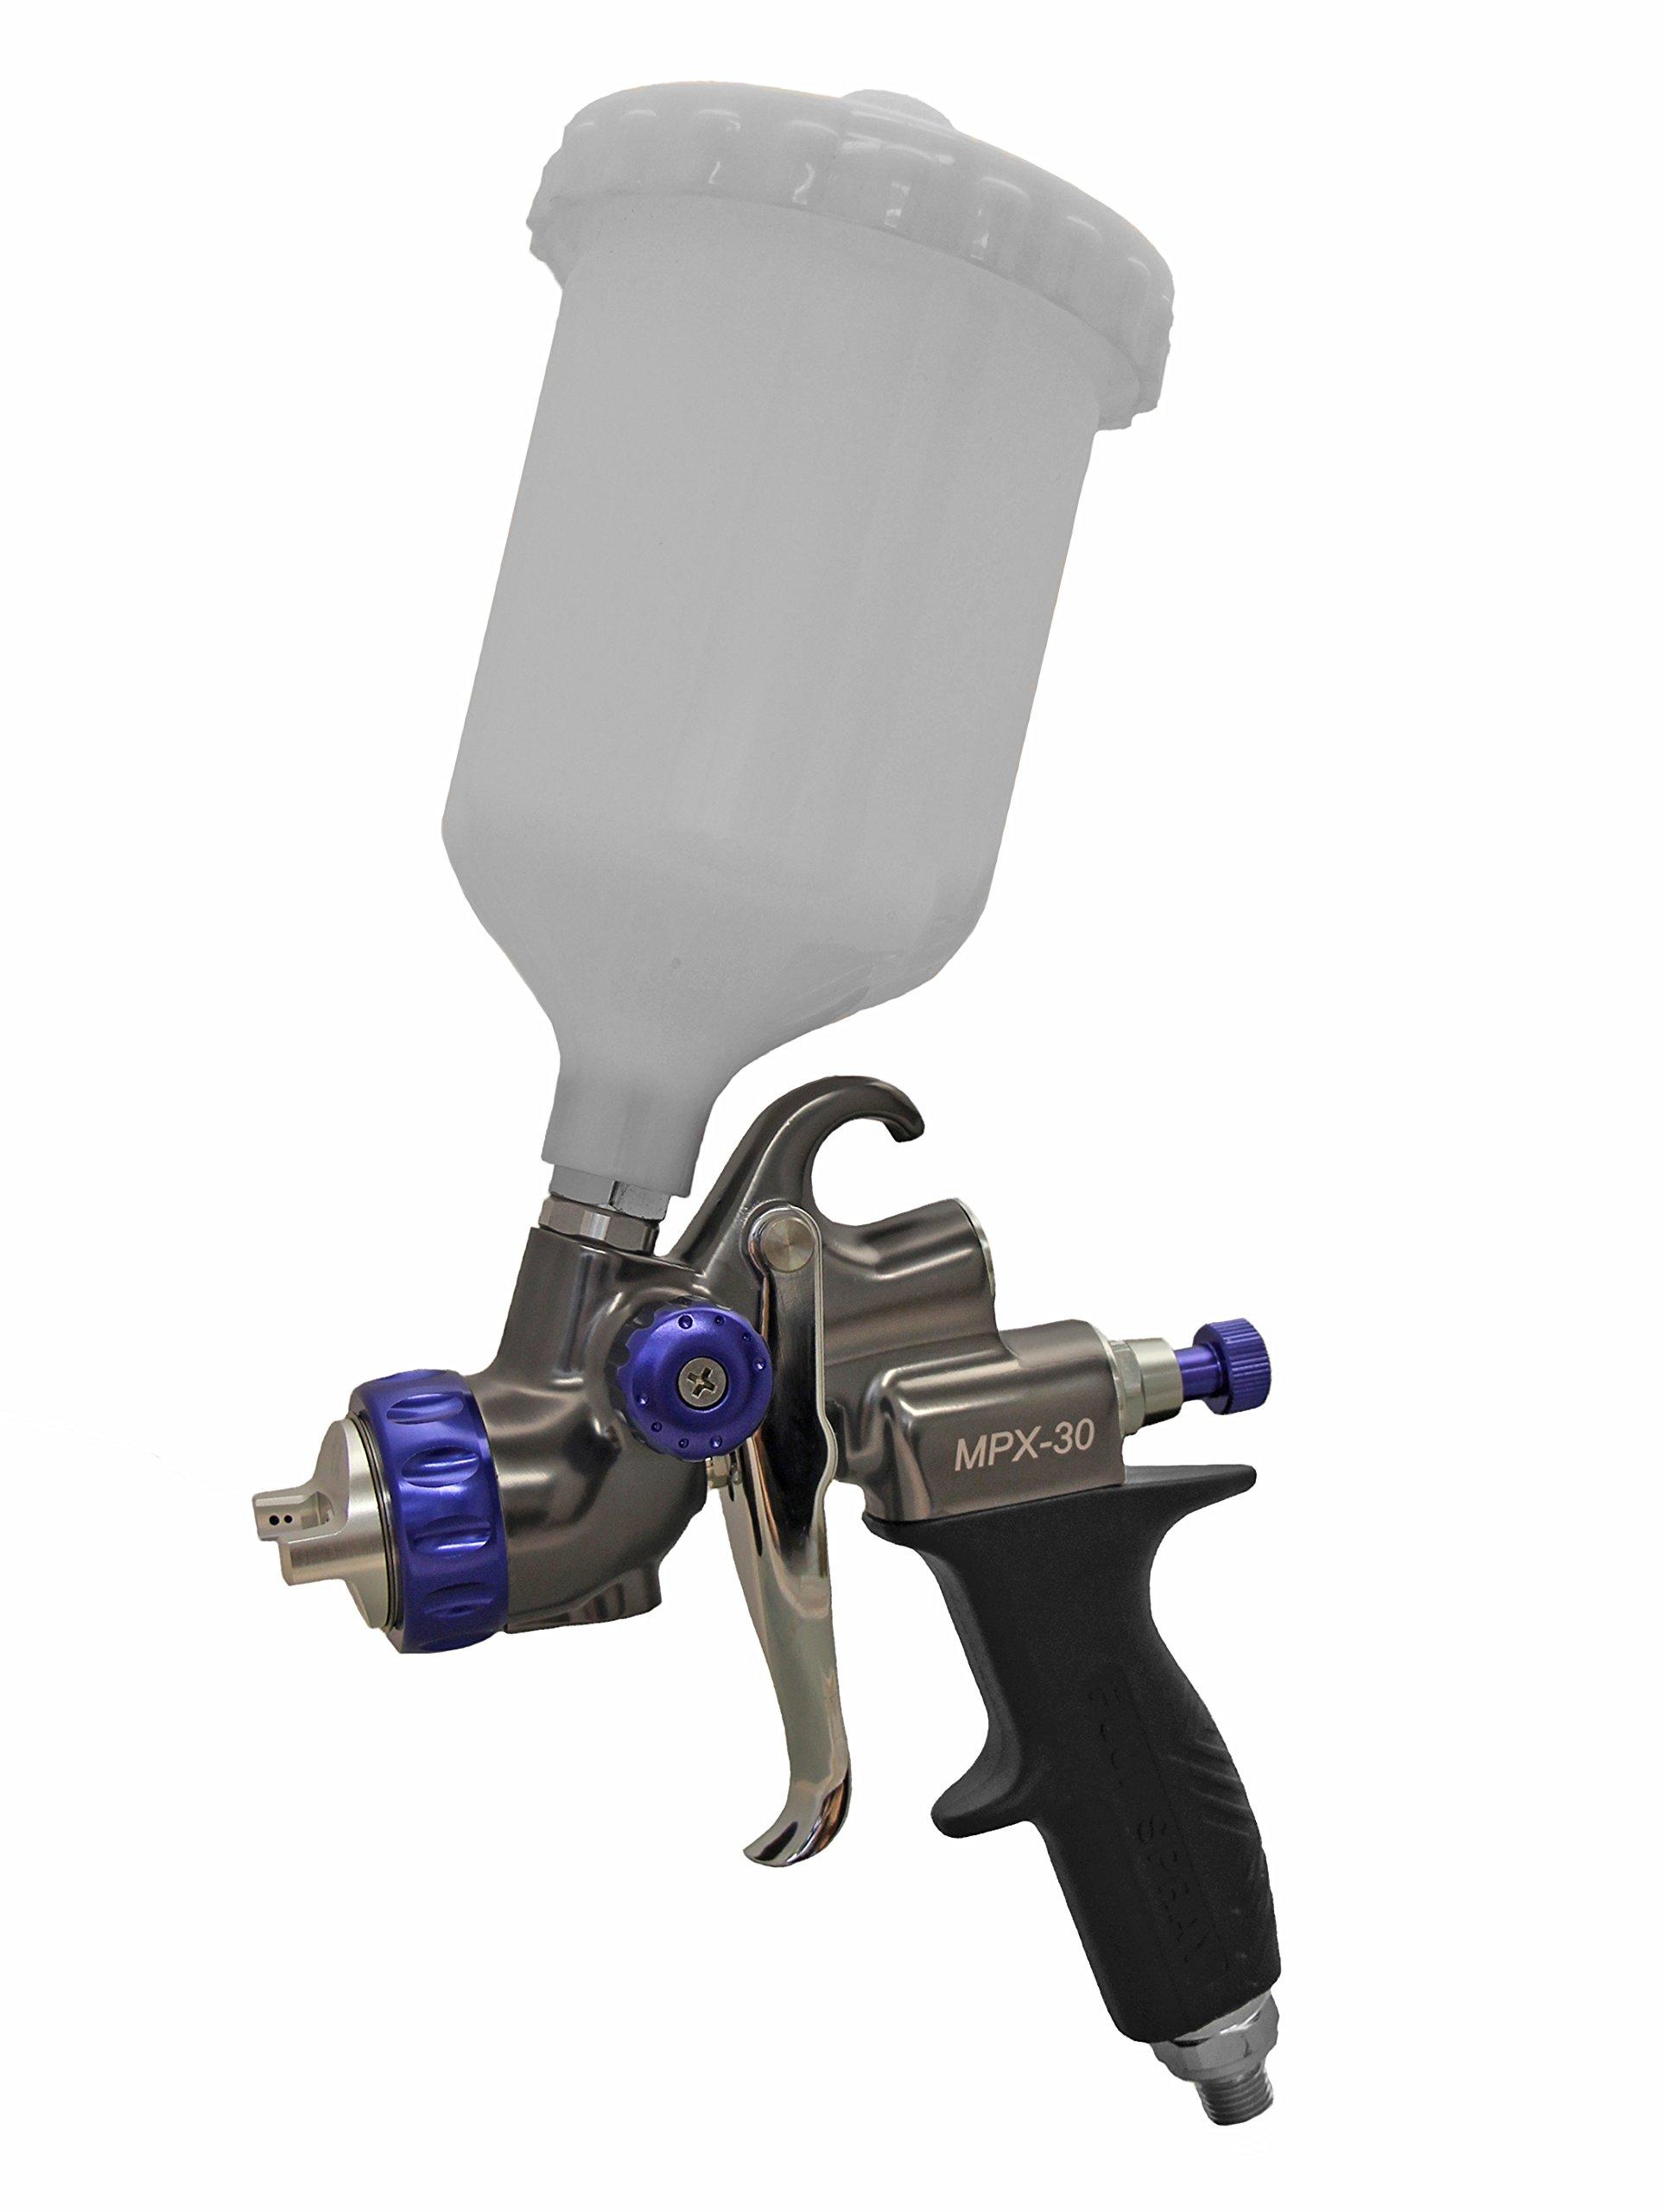 Pistola Para Pintar de presión reducida Fuji 6355G-MP-C-1...